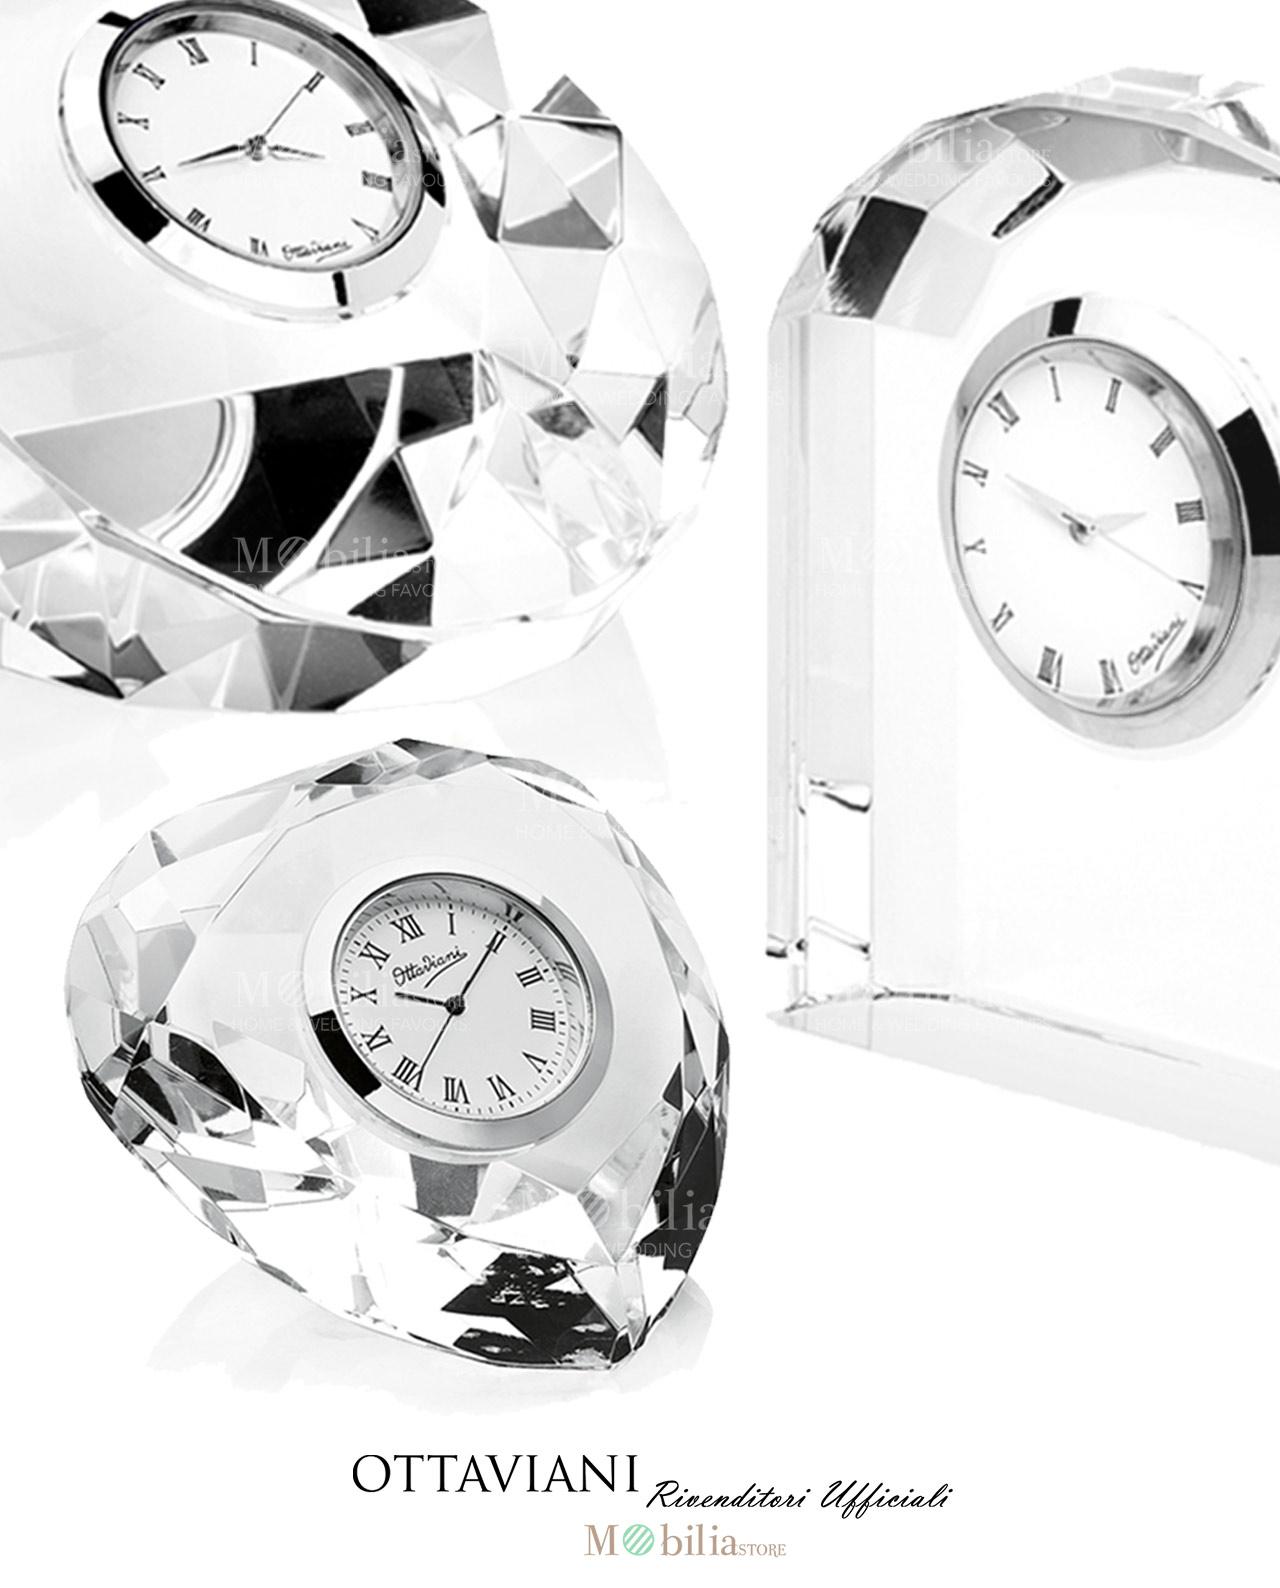 Orologio da tavolo arco cristallo ottaviani - Ottaviani orologio da tavolo ...